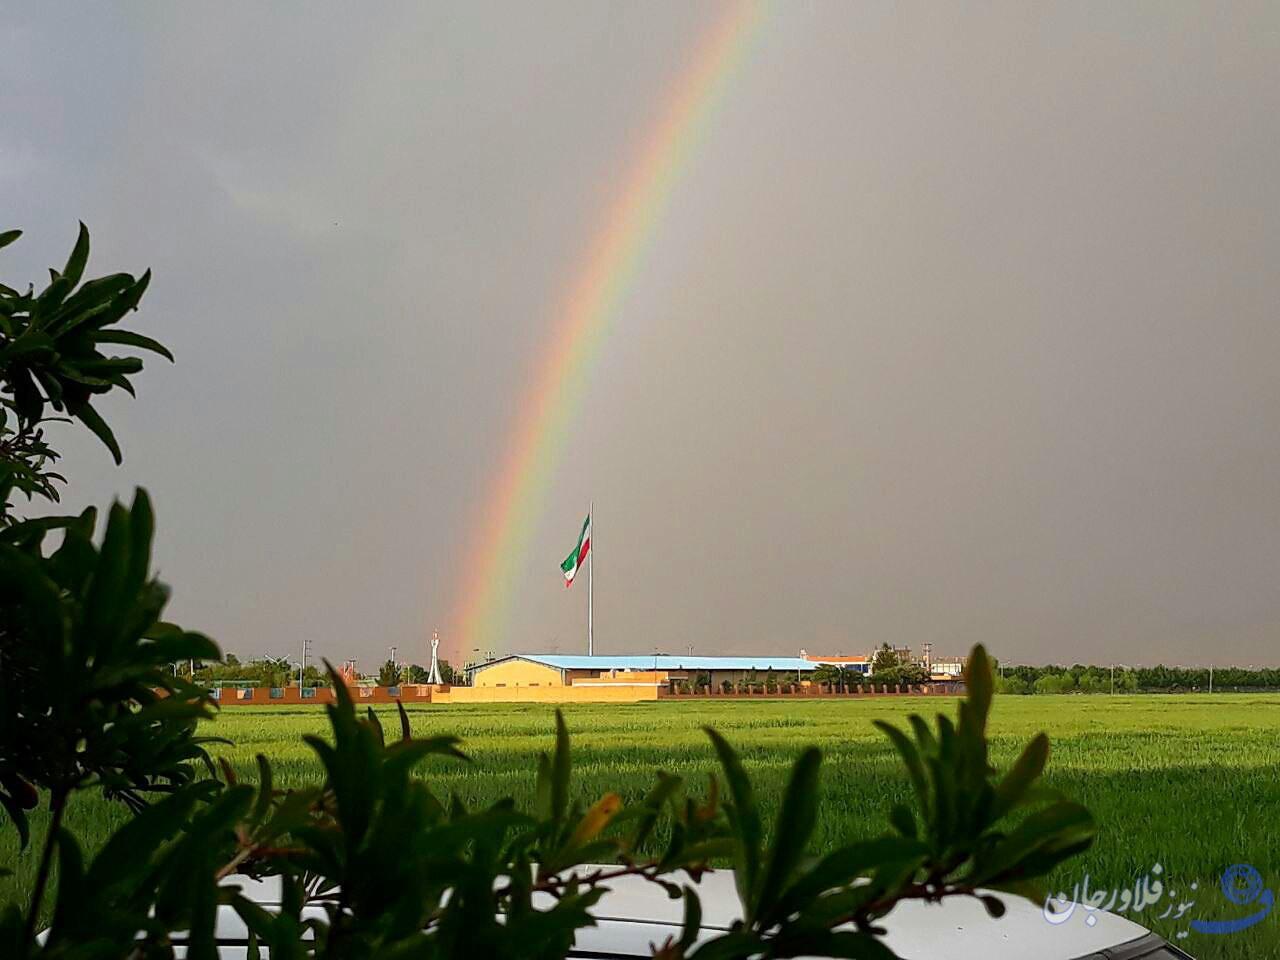 رنگین کمان بعد از باران بهاری در فلاورجان